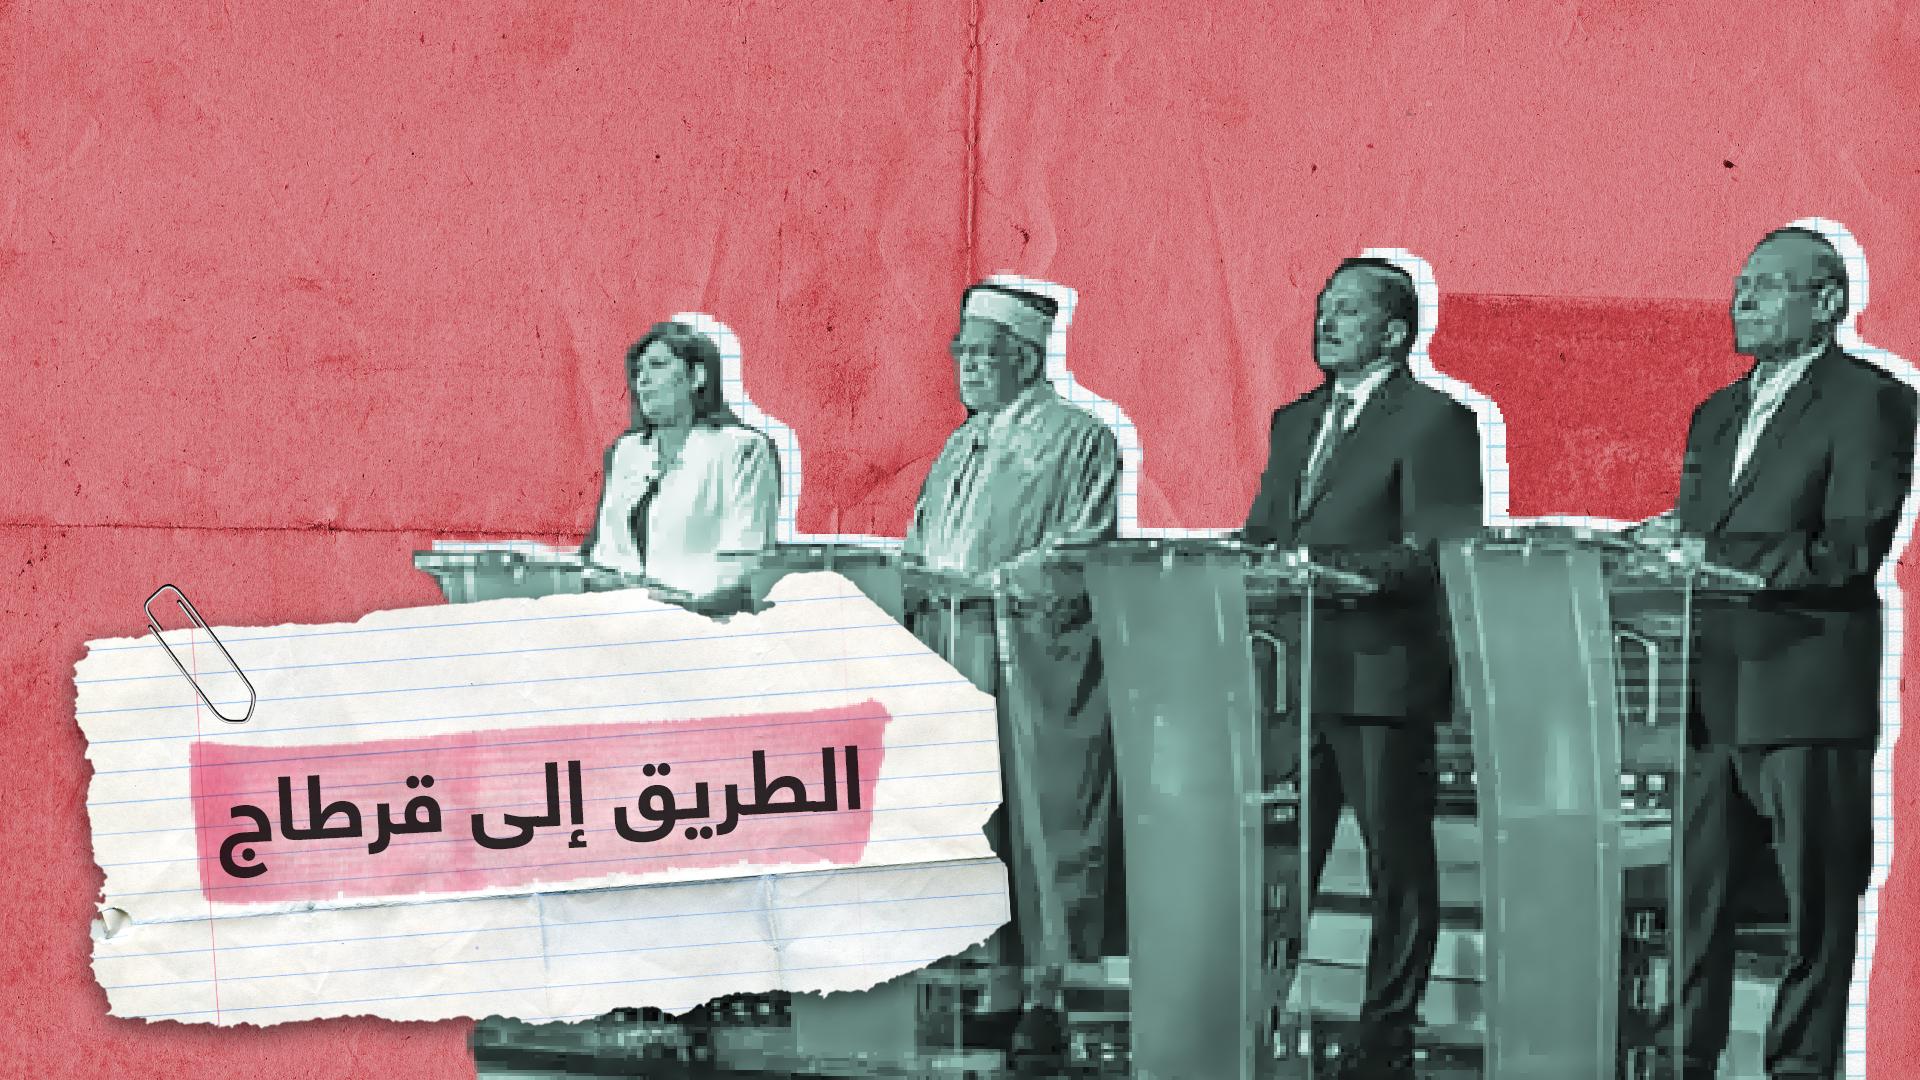 مناظرات الرئاسة في تونس بعيون شبابها.